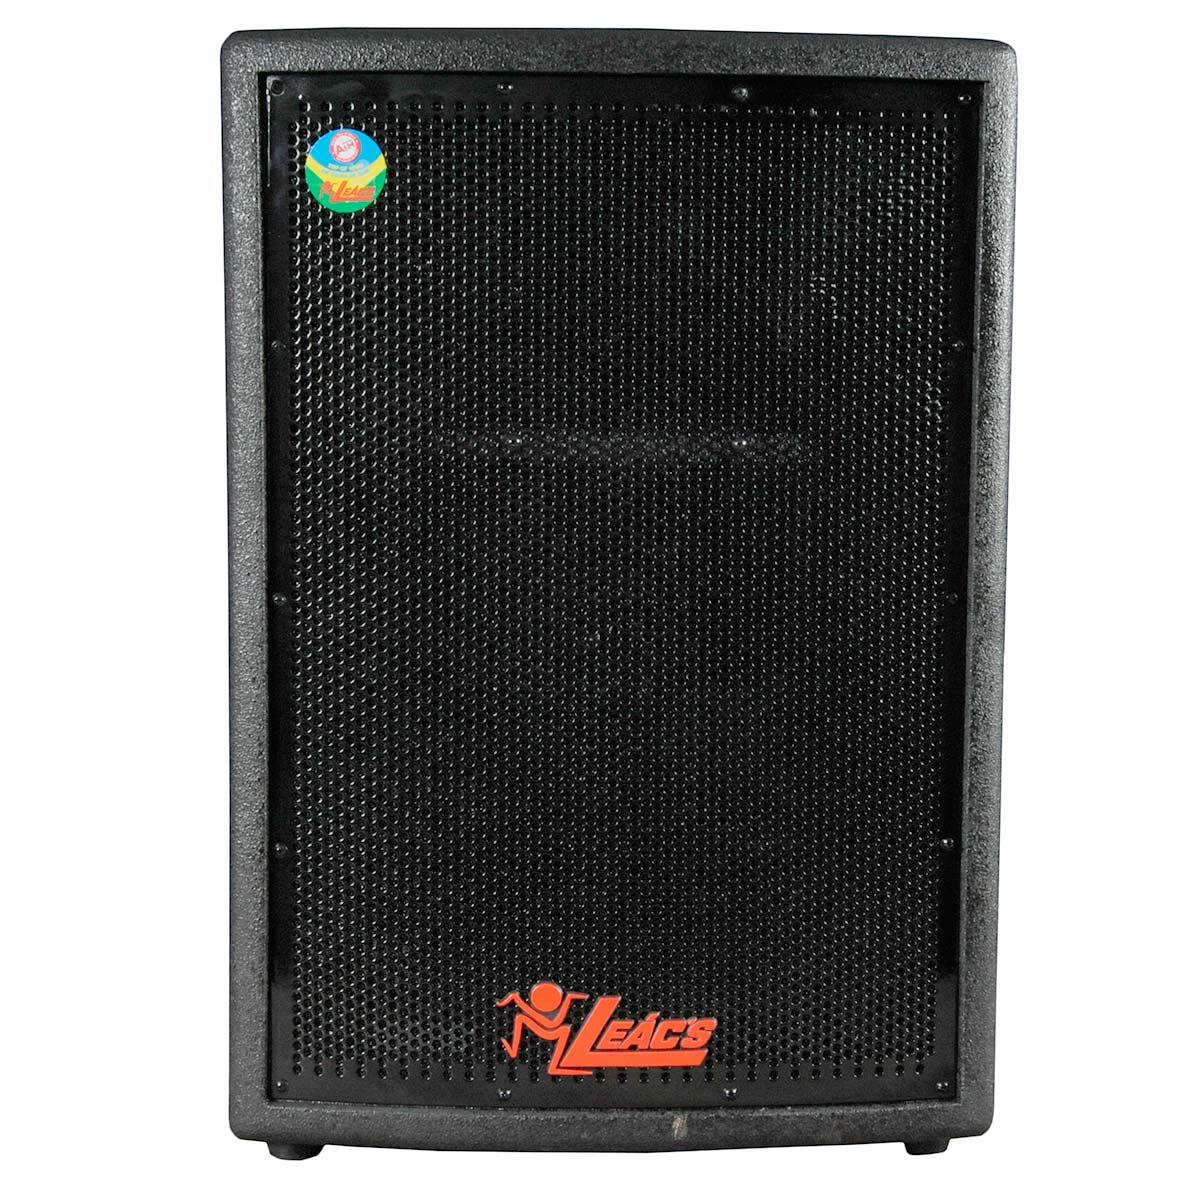 VIP400 - Caixa Ativa 330W VIP 400 - Leacs